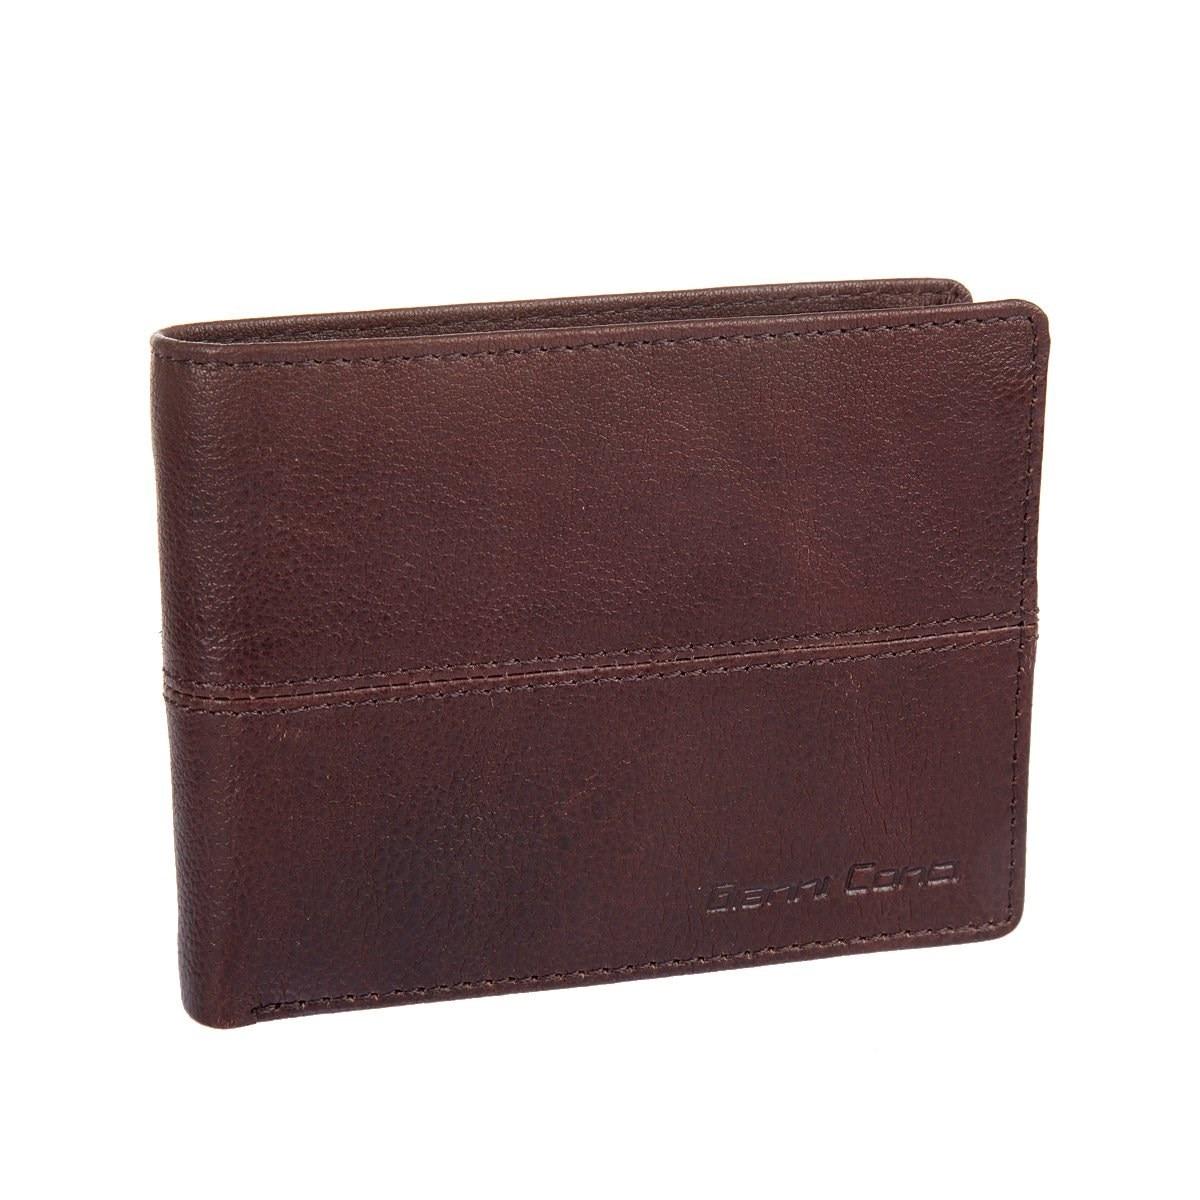 Coin Purse Gianni Conti 1137144E dark brown